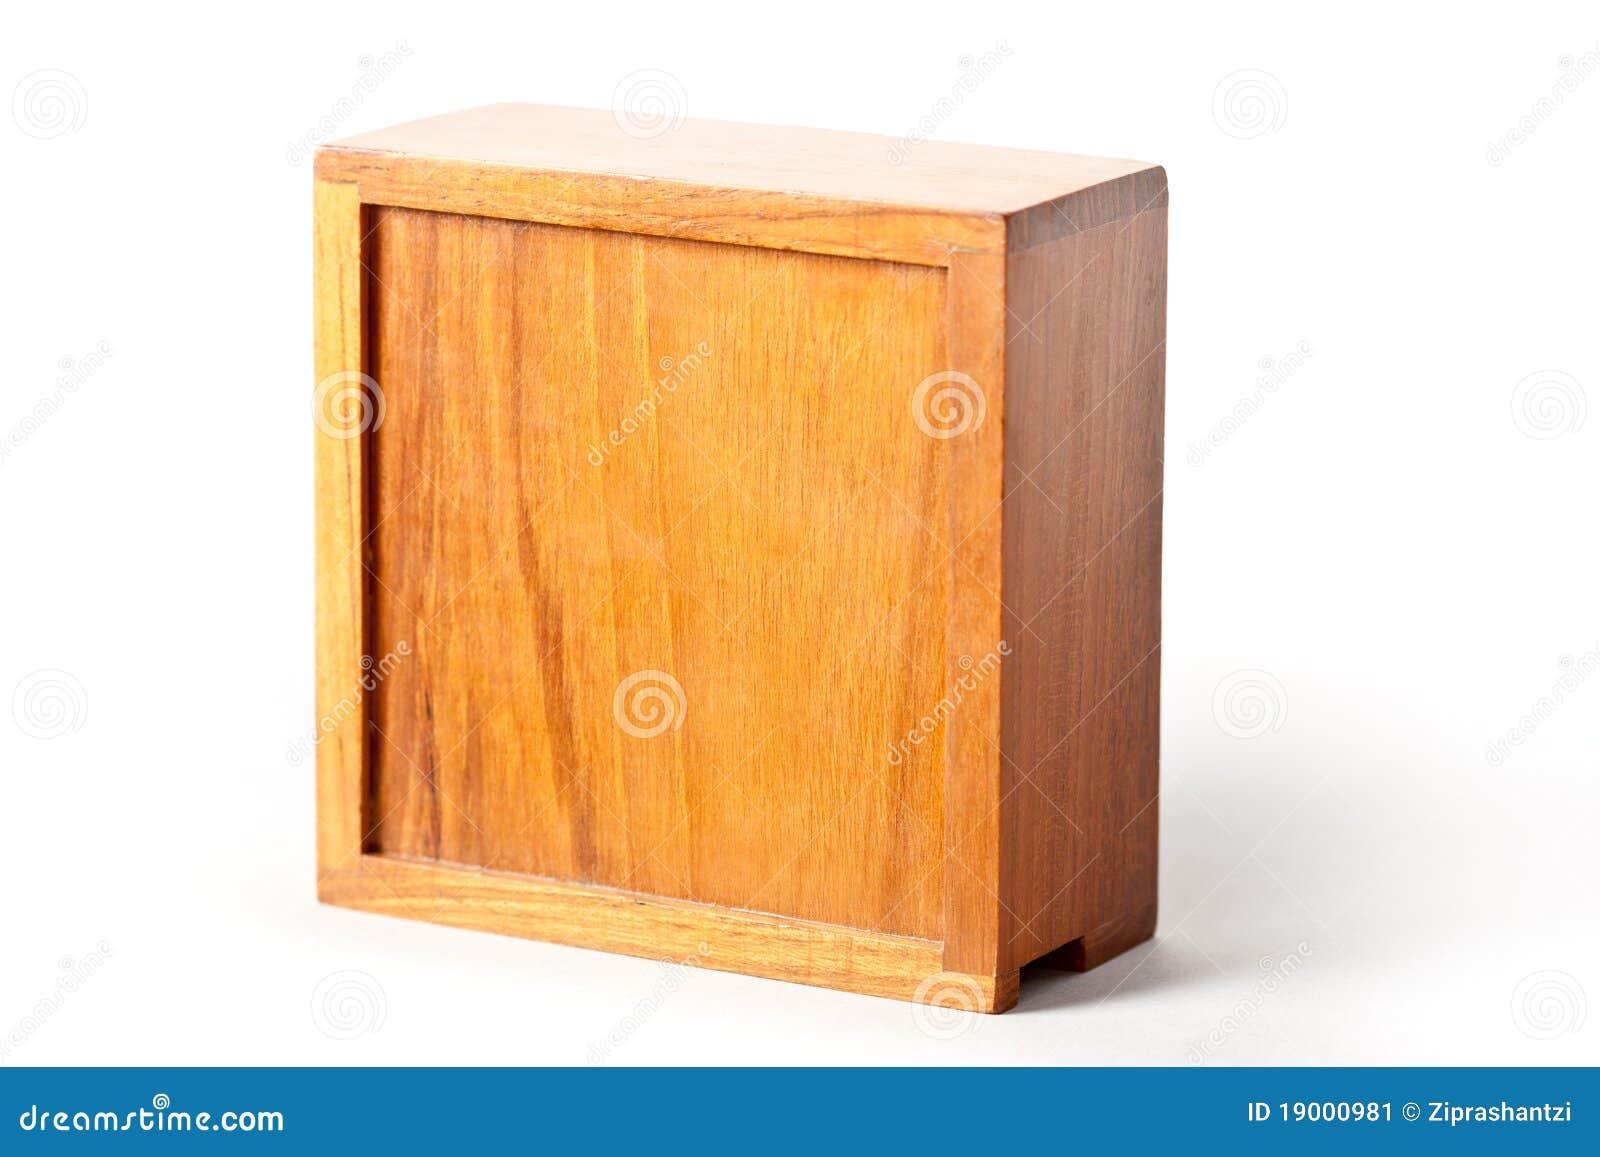 cadre en bois carré jaune image stock. image du timber - 19000981